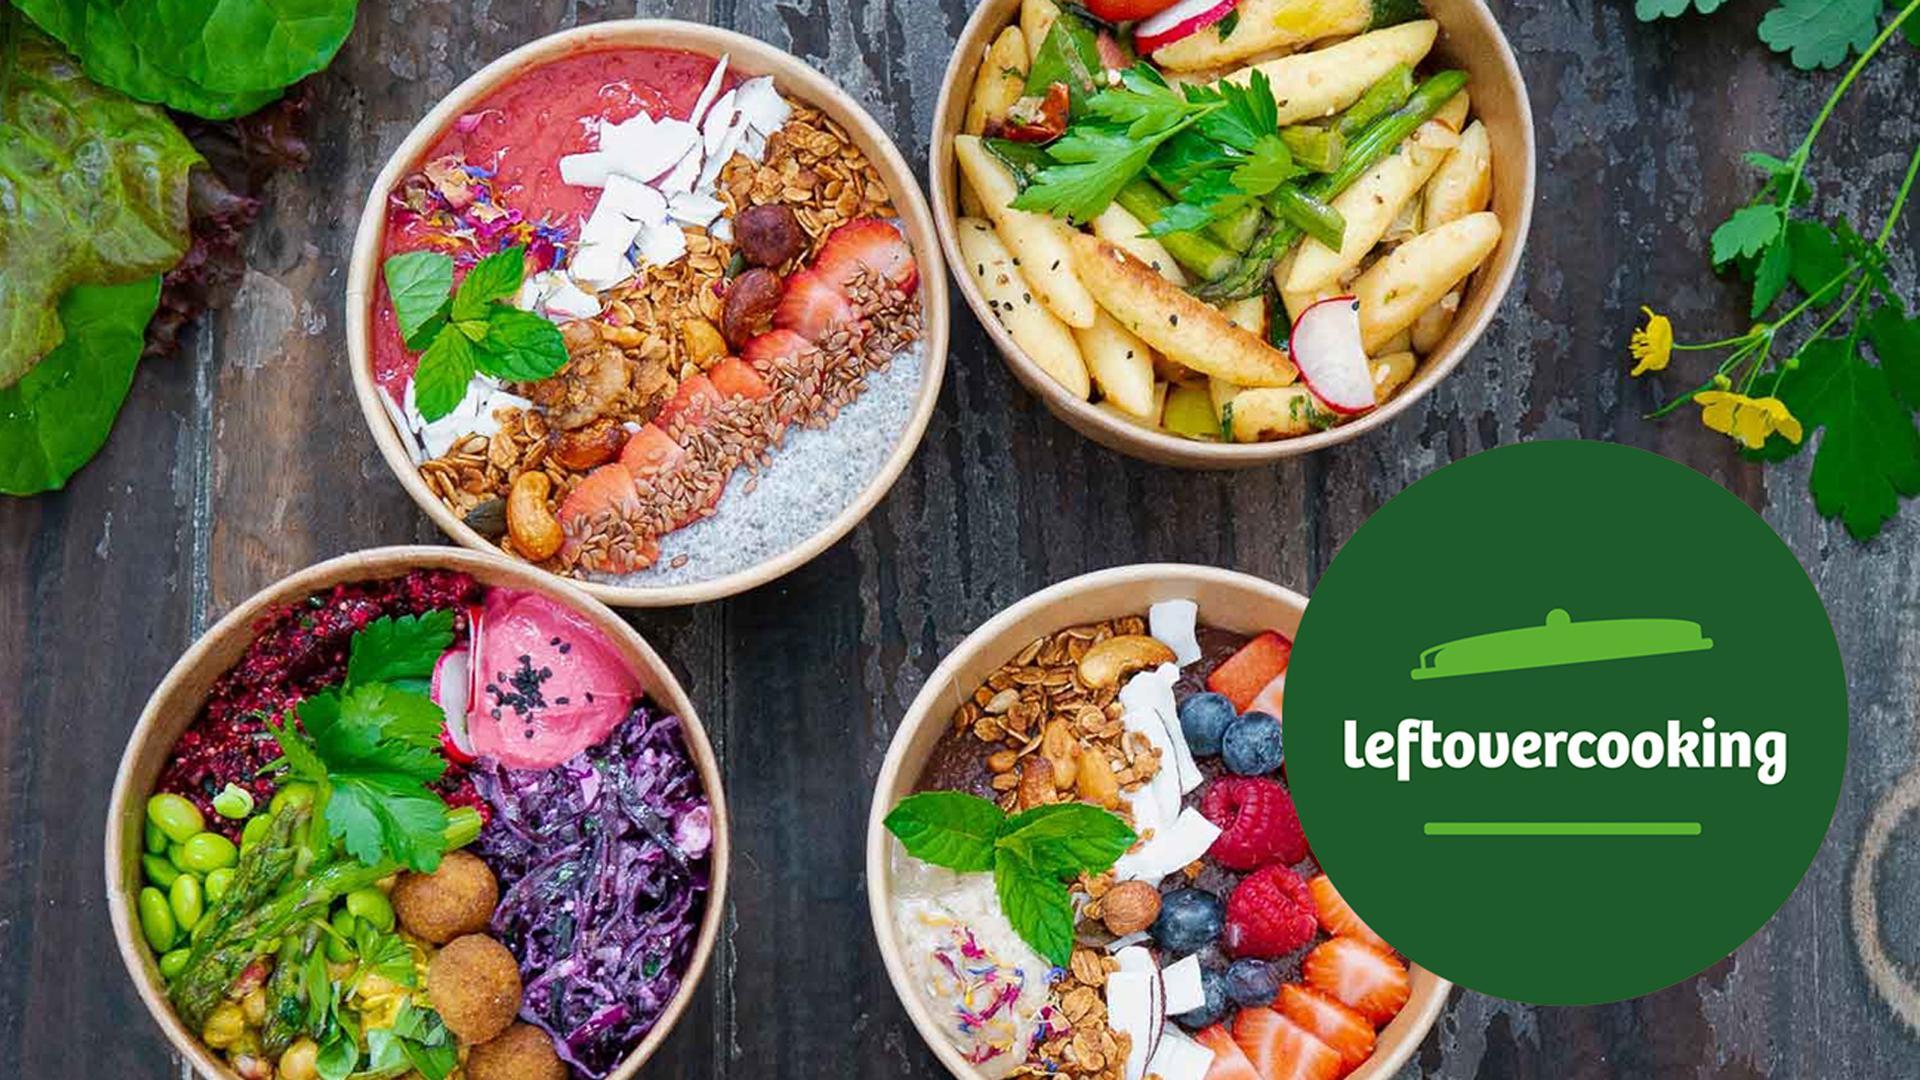 Lieferservice und Foodtruck für vegetarische & vegane Bowls